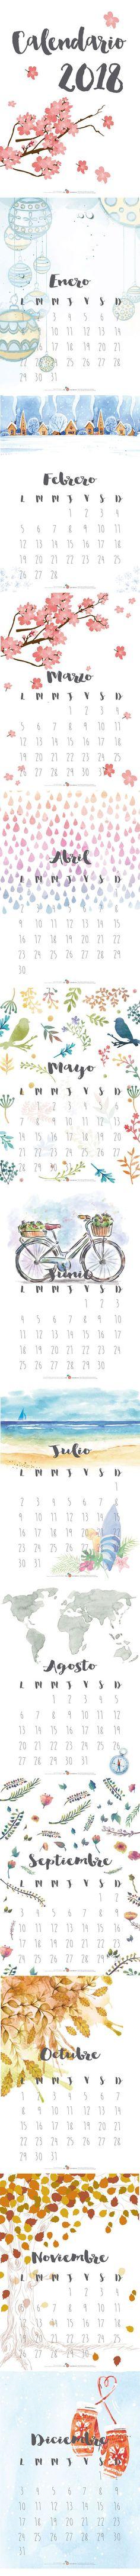 Descargable gratuito - Calendario 2018 - www.miamandarina.es